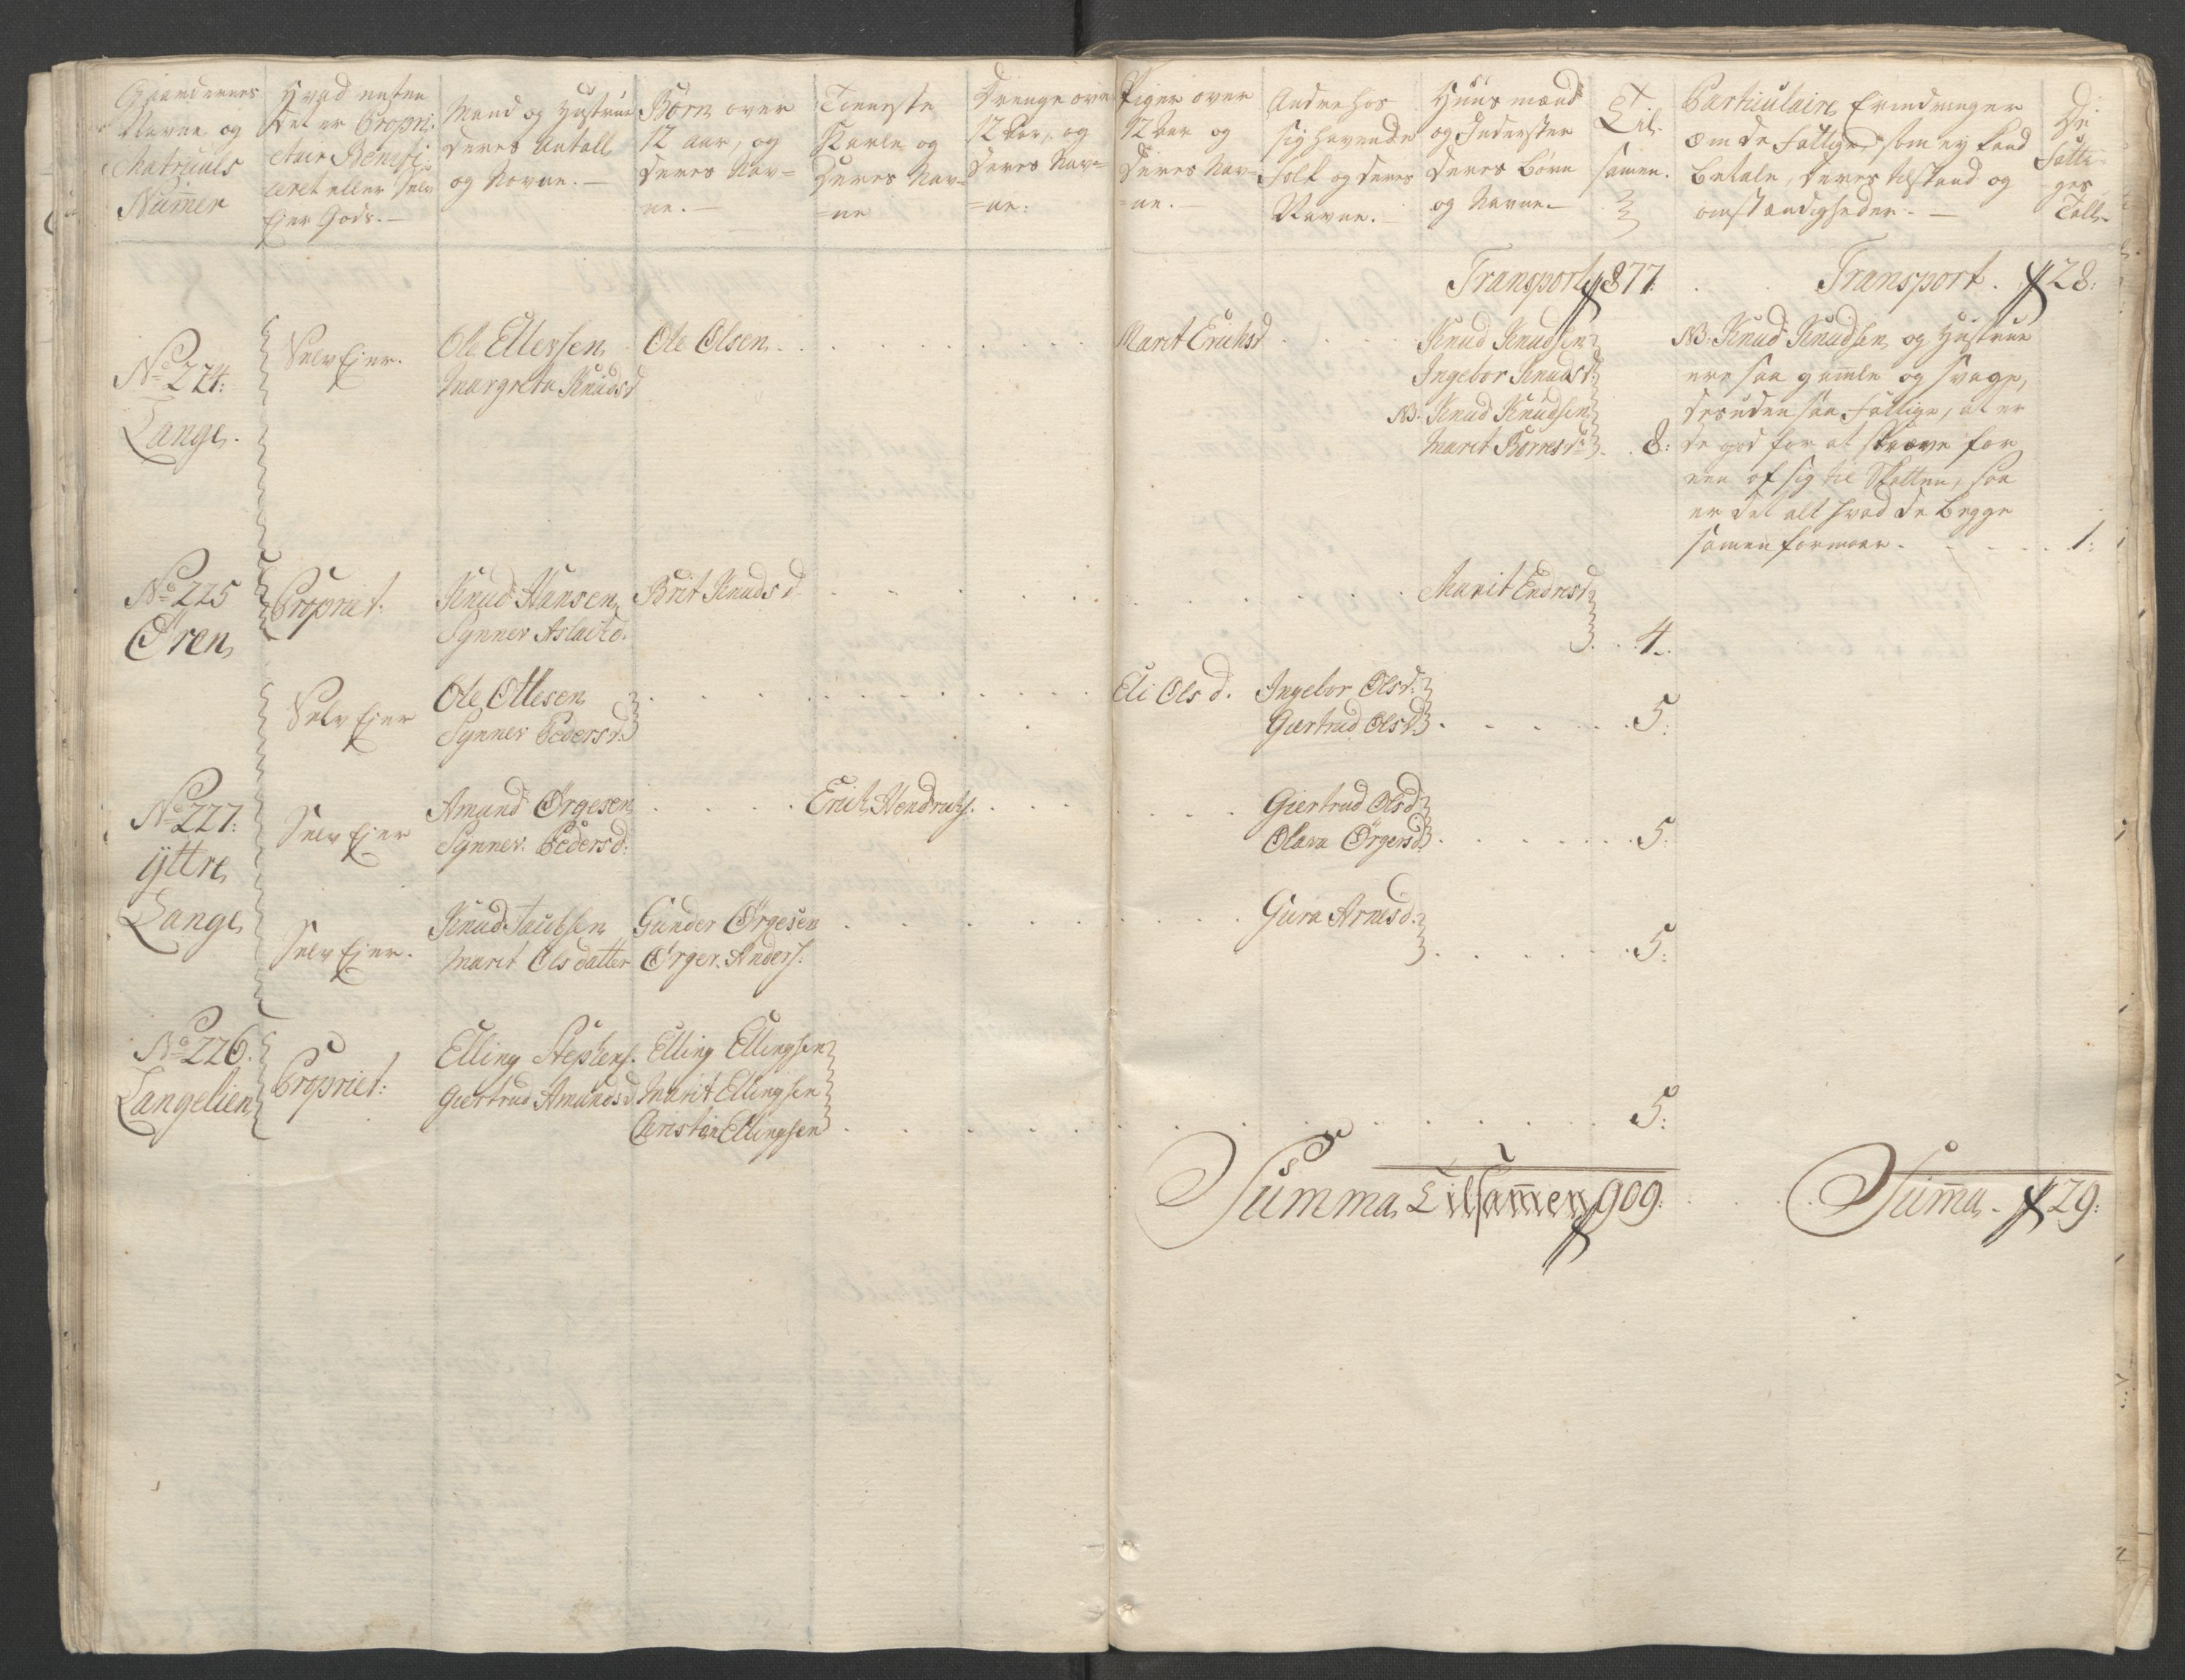 RA, Rentekammeret inntil 1814, Reviderte regnskaper, Fogderegnskap, R55/L3730: Ekstraskatten Romsdal, 1762-1763, s. 40